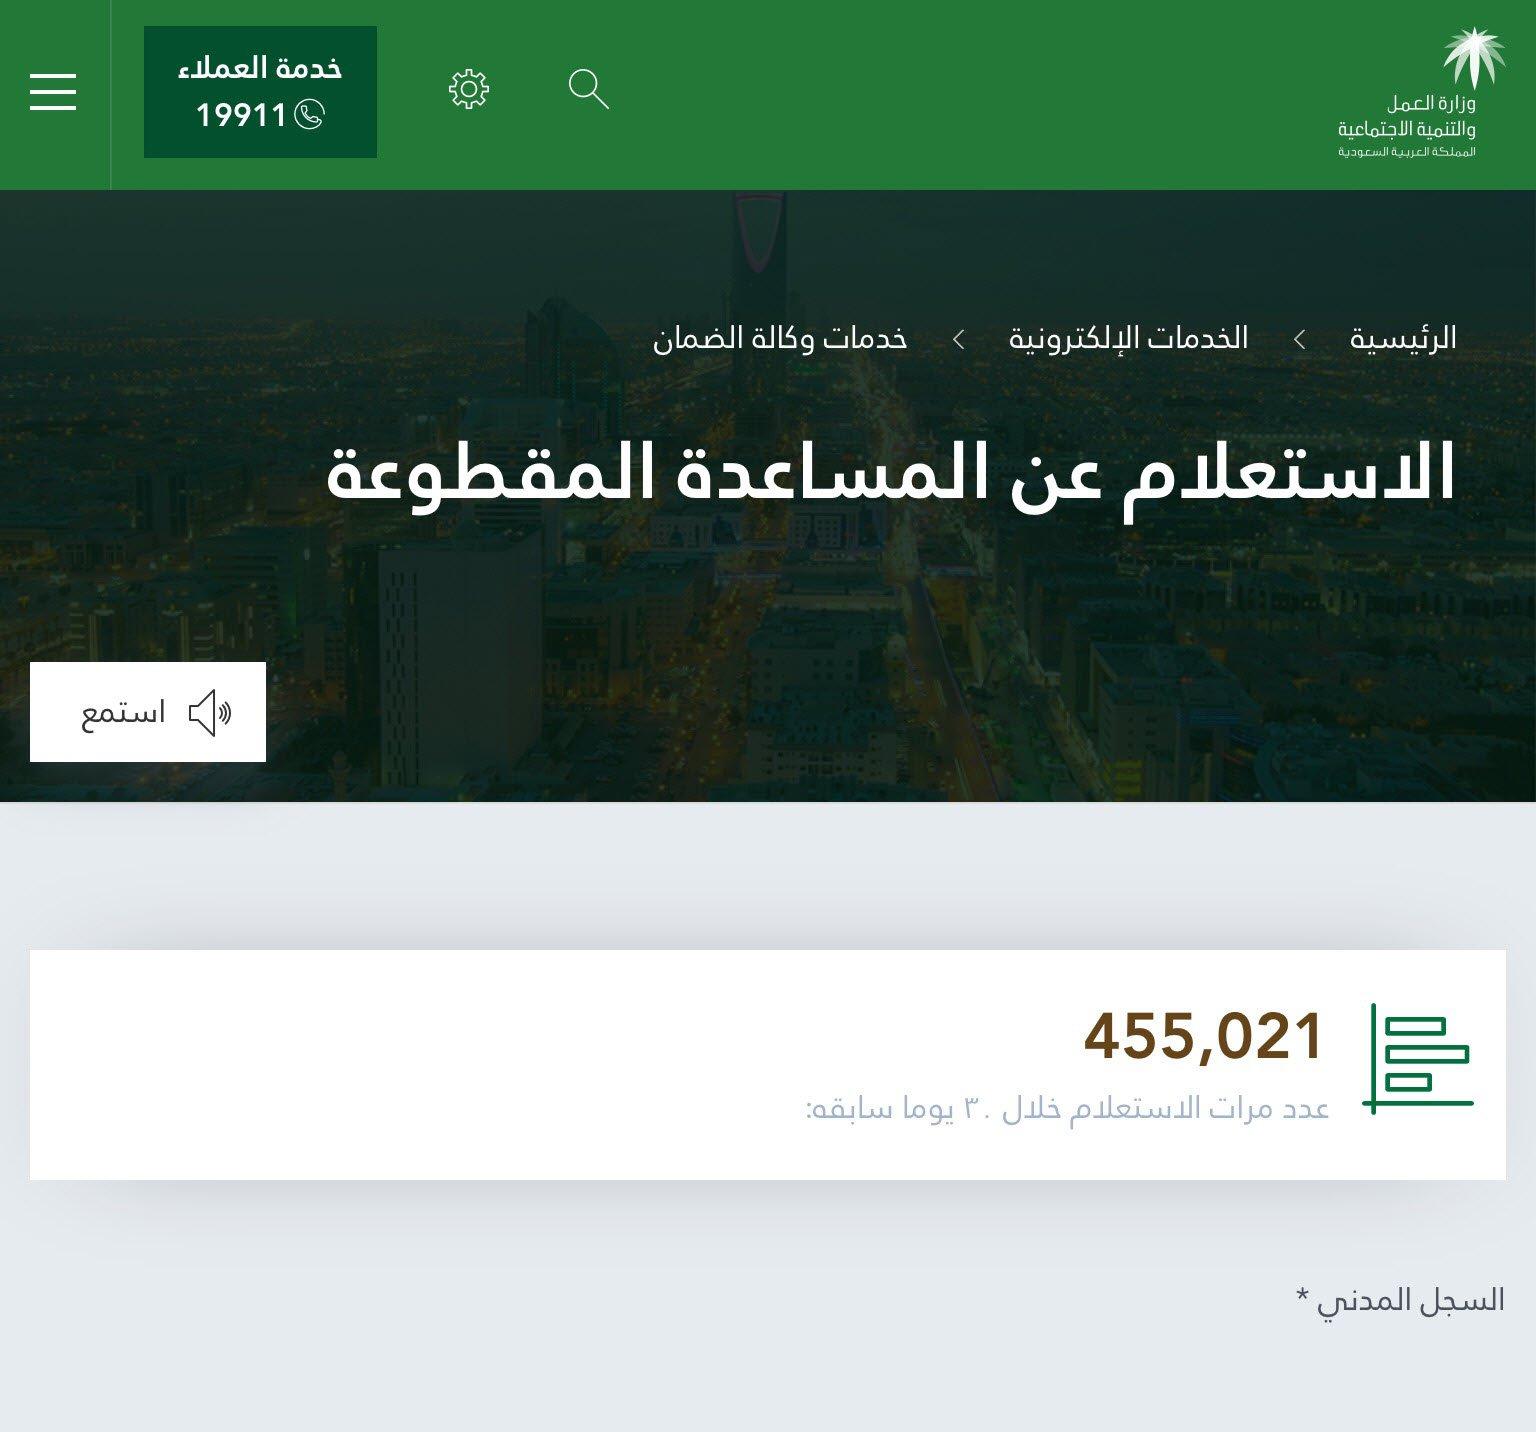 التقديم على المساعدة المقطوعة 1443 وزارة العمل والتنمية الاجتماعية